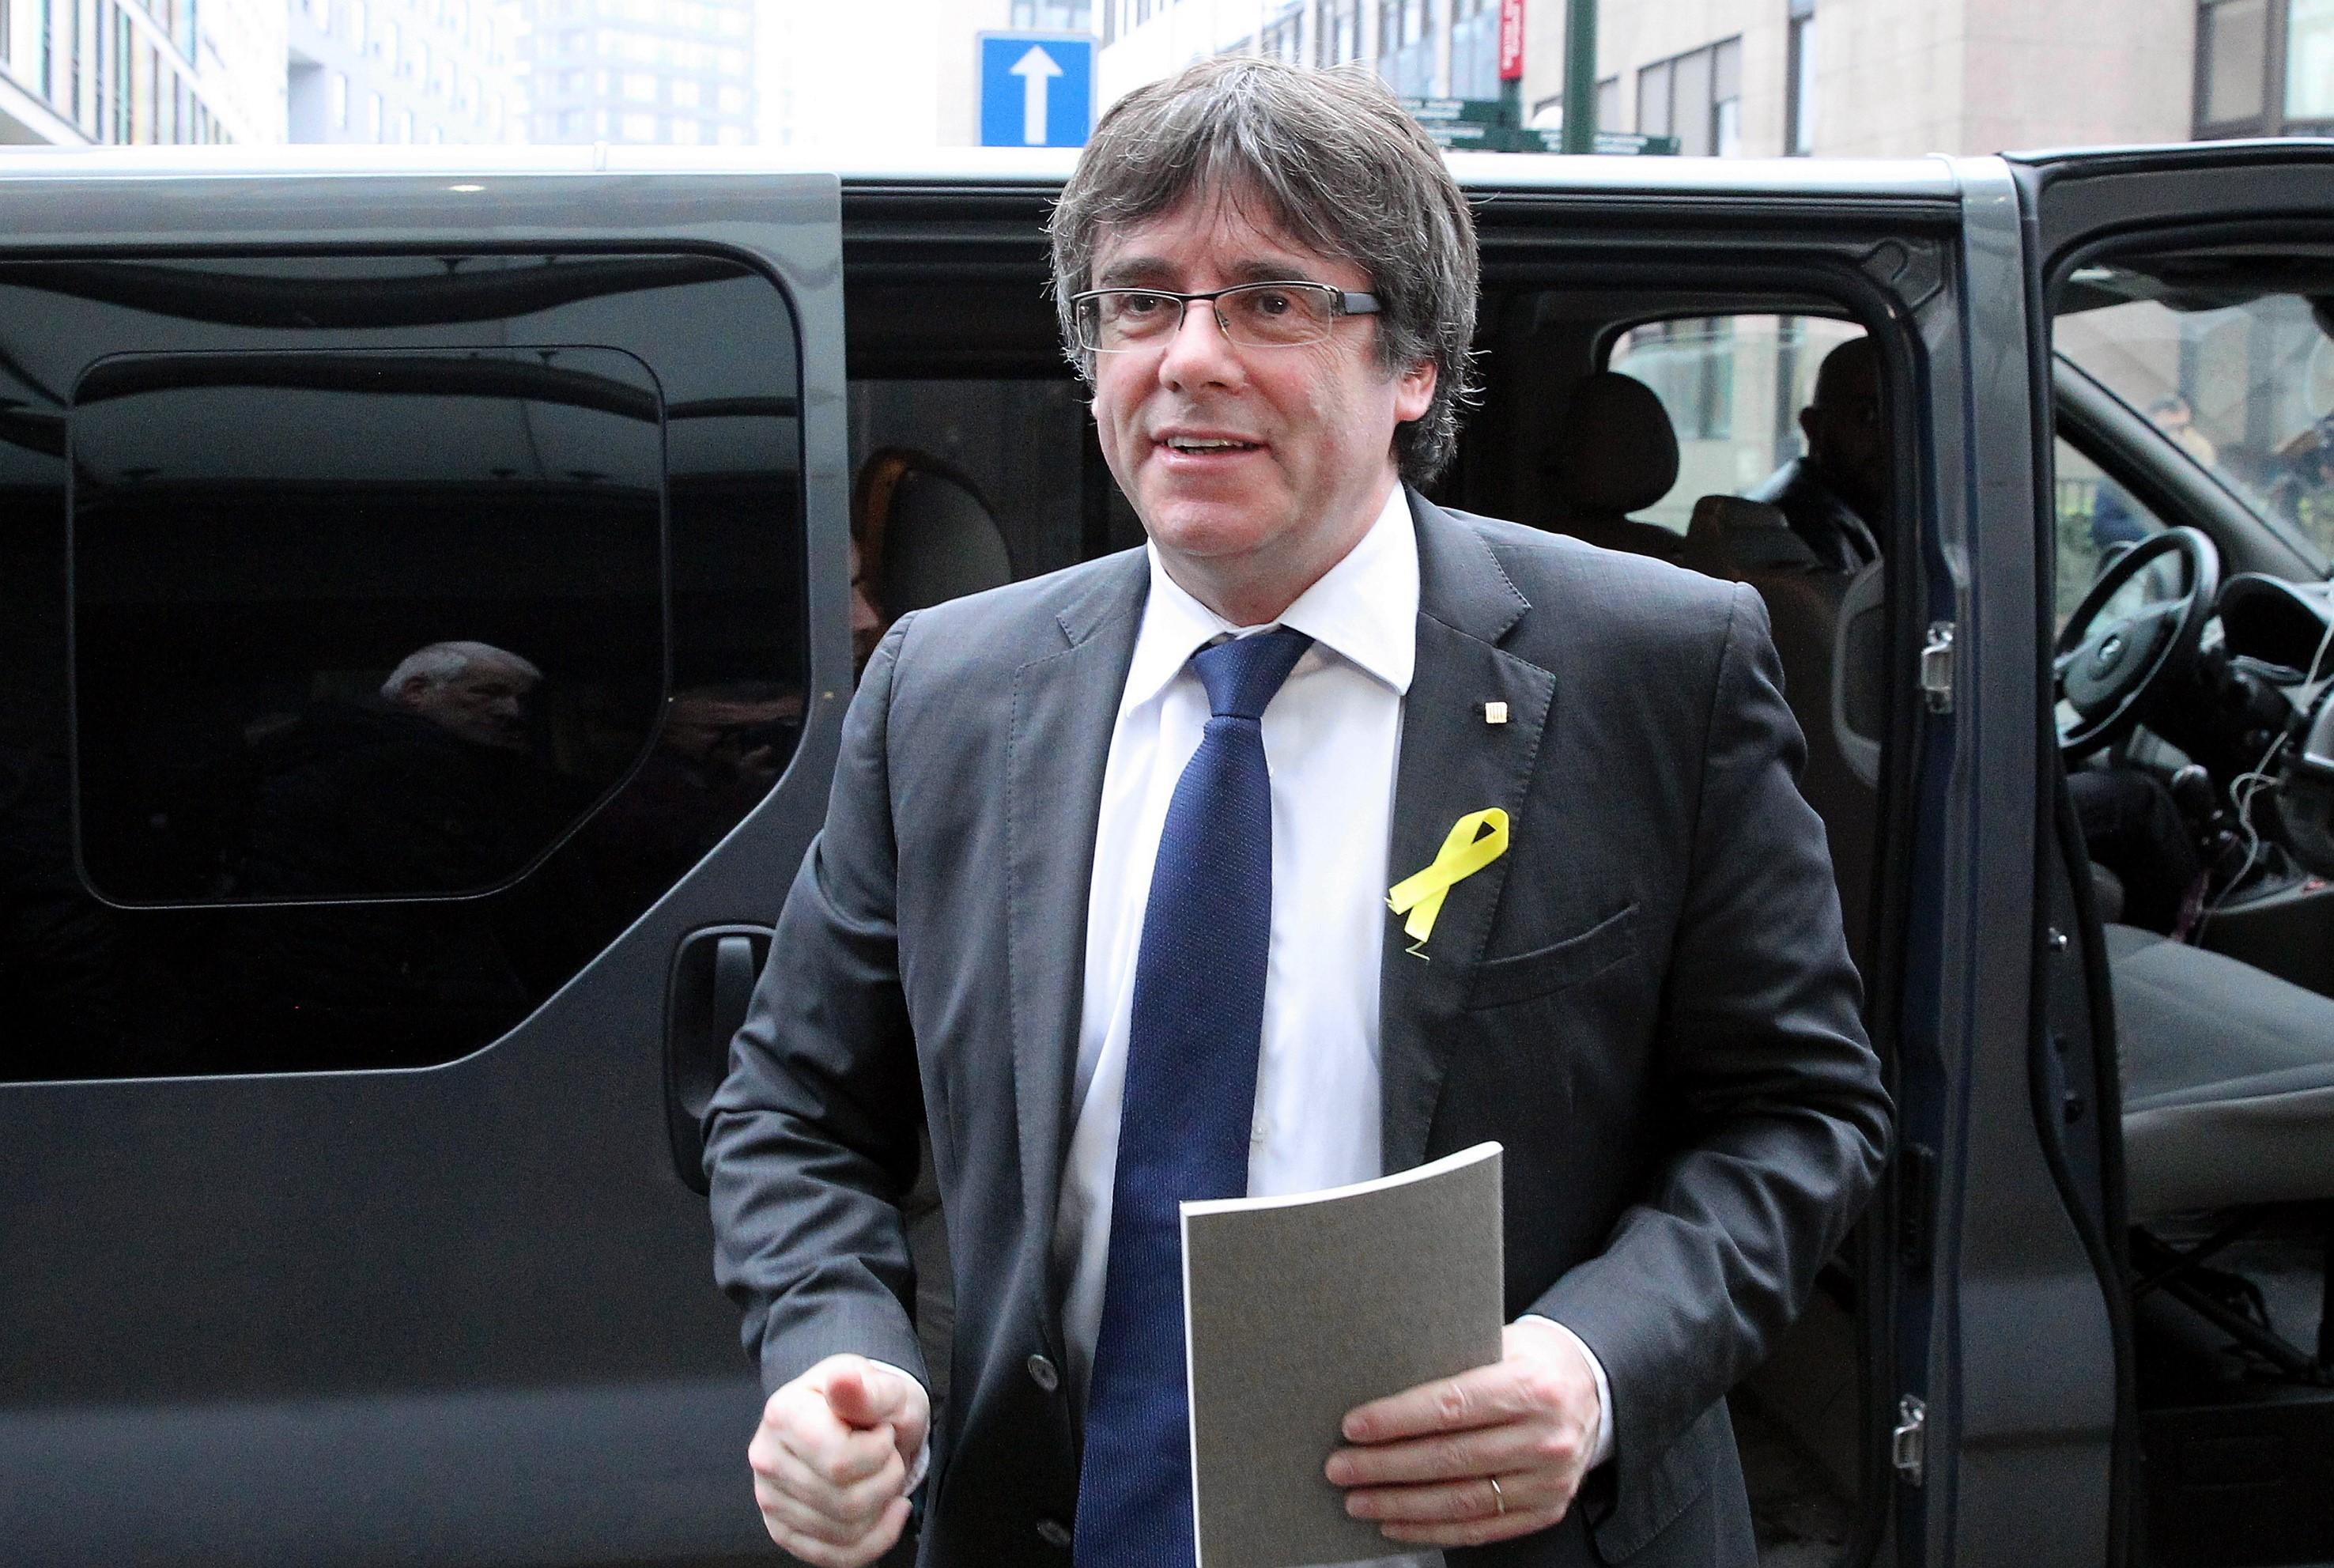 Visszavonta a lázadással vádolt volt katalán elnök elleni európai elfogatóparancsot a spanyol legfelsőbb bíróság